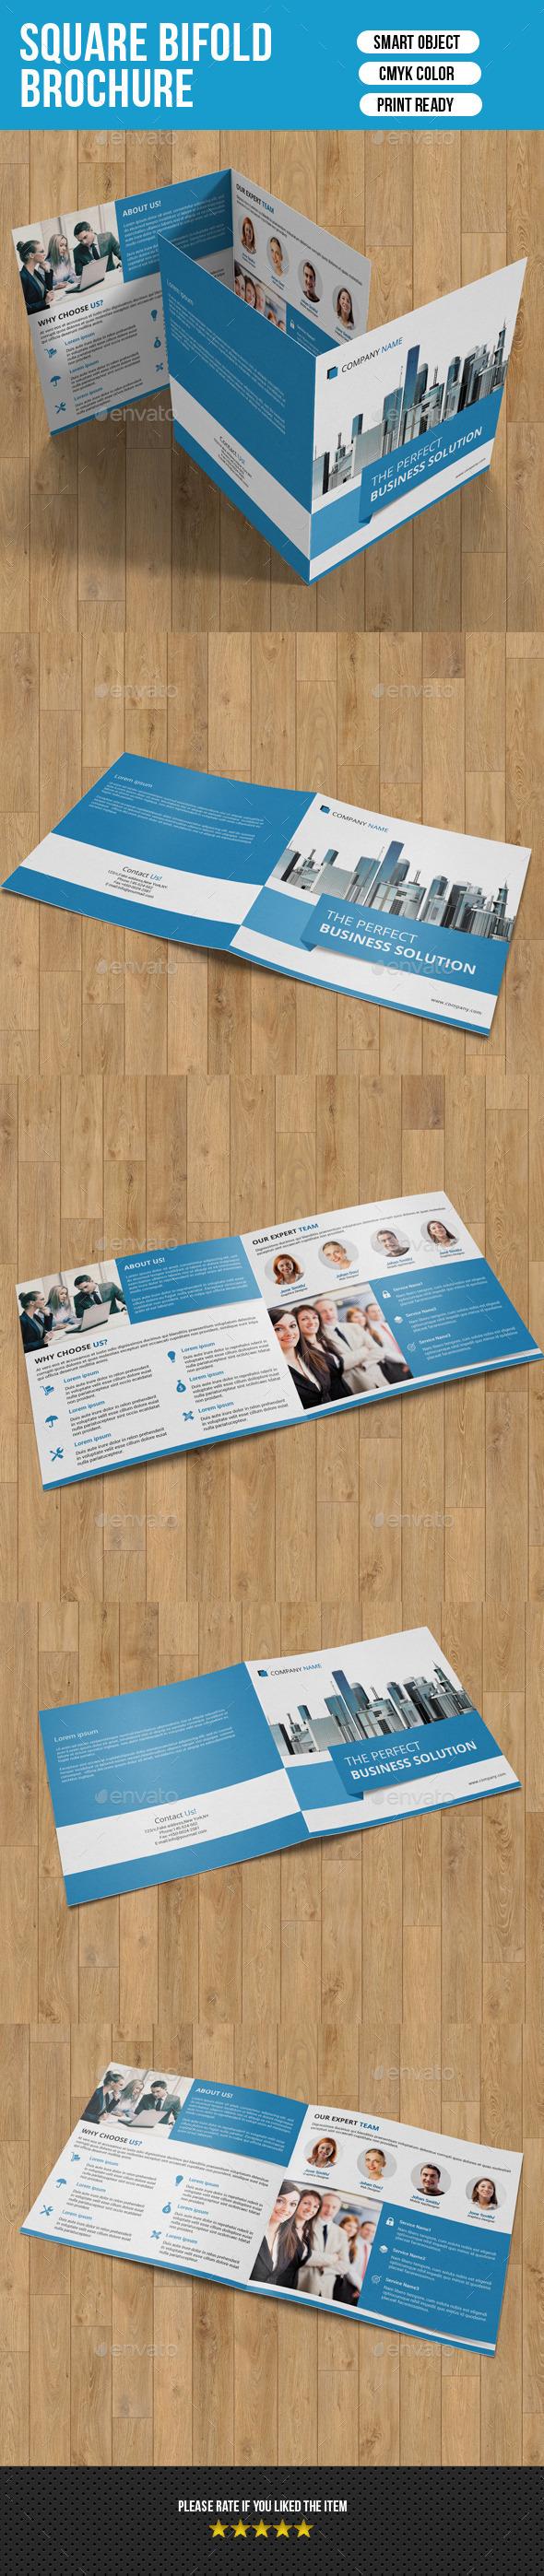 GraphicRiver Square Bifold Brochure-V07 9868952